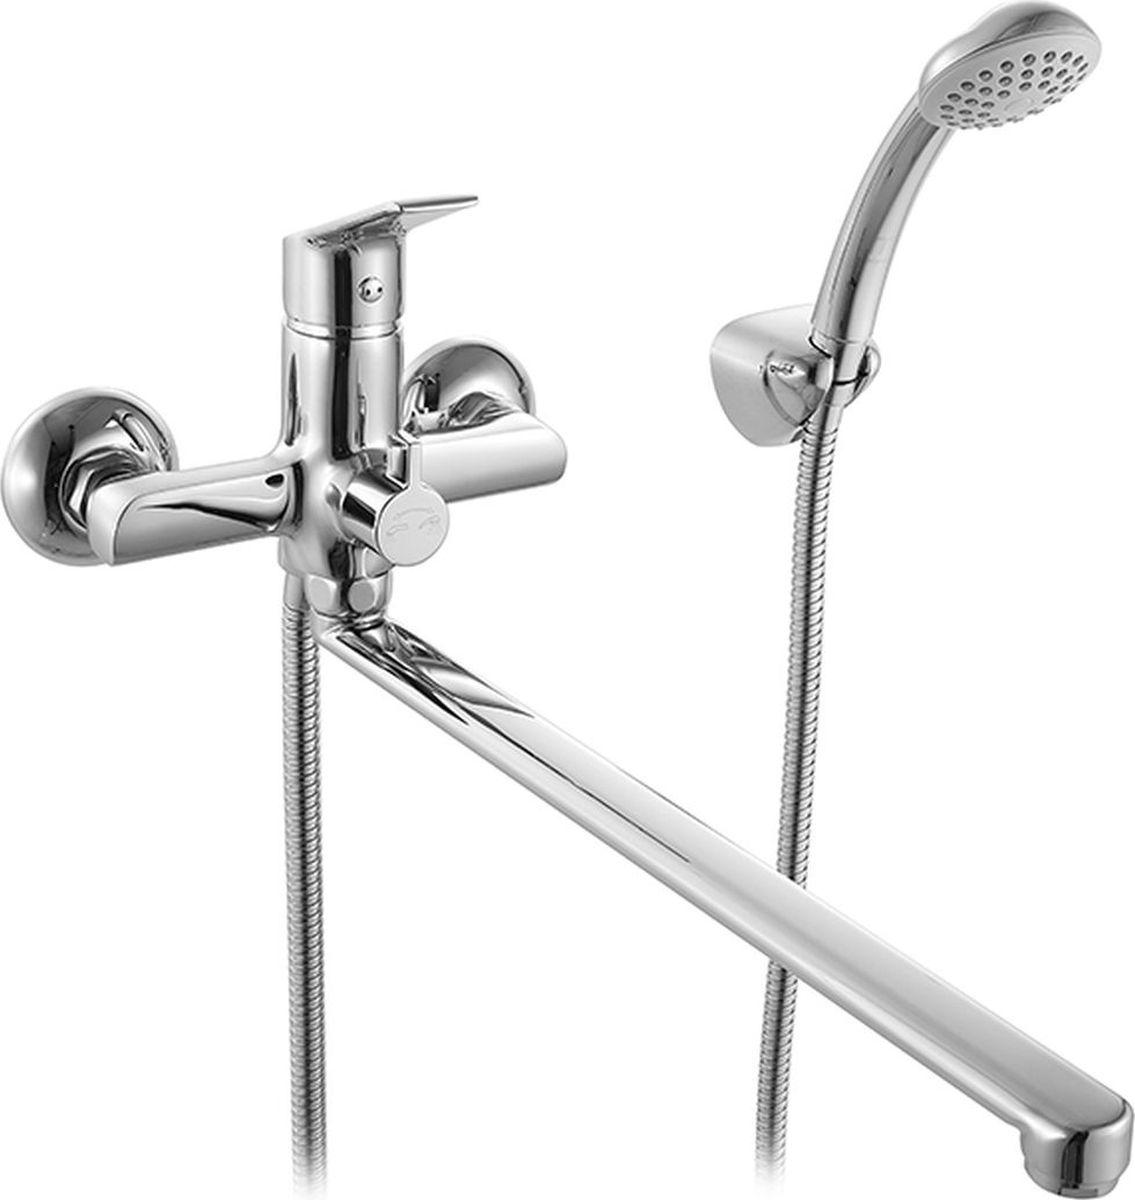 Смеситель для ванны Milardo Nelson, с длинным изливом, цвет: хромBL505Смеситель для ванны Milardo® изготовлен из высококачественной первичной латуни, прочной, безопасной и стойкой к коррозии. Инновационные технологии литья и обработки латуни, а также увеличенная толщина стенок смесителя обеспечивают его стойкость к перепадам давления и температур. Увеличенное никель-хромовое покрытие полностью соответствует европейским стандартам качества, обеспечивает его стойкость и зеркальный блеск в течение всего срока службы изделия. Благодаря гладкой внутренней поверхности смесителя, рассекателям в водозапорных механизмах и аэратору он имеет минимальный уровень шума.Смеситель оборудован керамическим дивертором, чей сверхнадежный механизм обеспечивает плавное и мягкое переключение с излива на душ, а также непревзойденную надежность при любом давлении воды.В комплект входят лейка и шланг из нержавеющей стали длиной 1,5 м с защитой от перекручивания. Гарантия на смесители Milardo® – 7 лет.